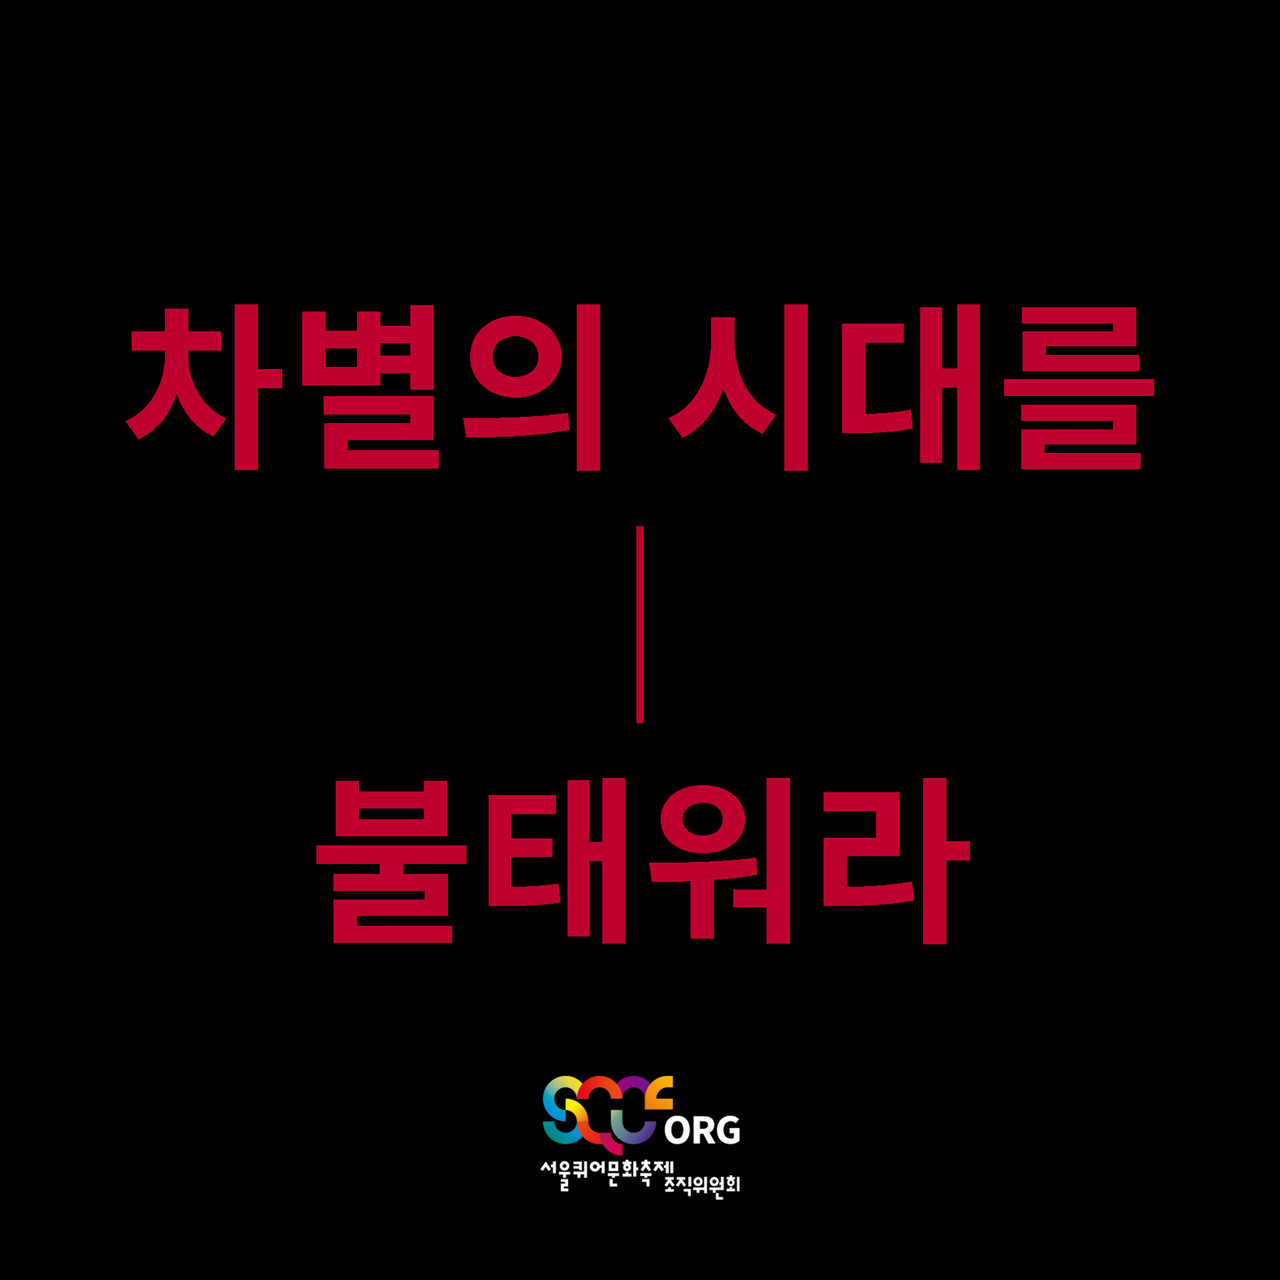 2021 제22회 서울퀴어문화축제 공식슬로건 티저 이미지